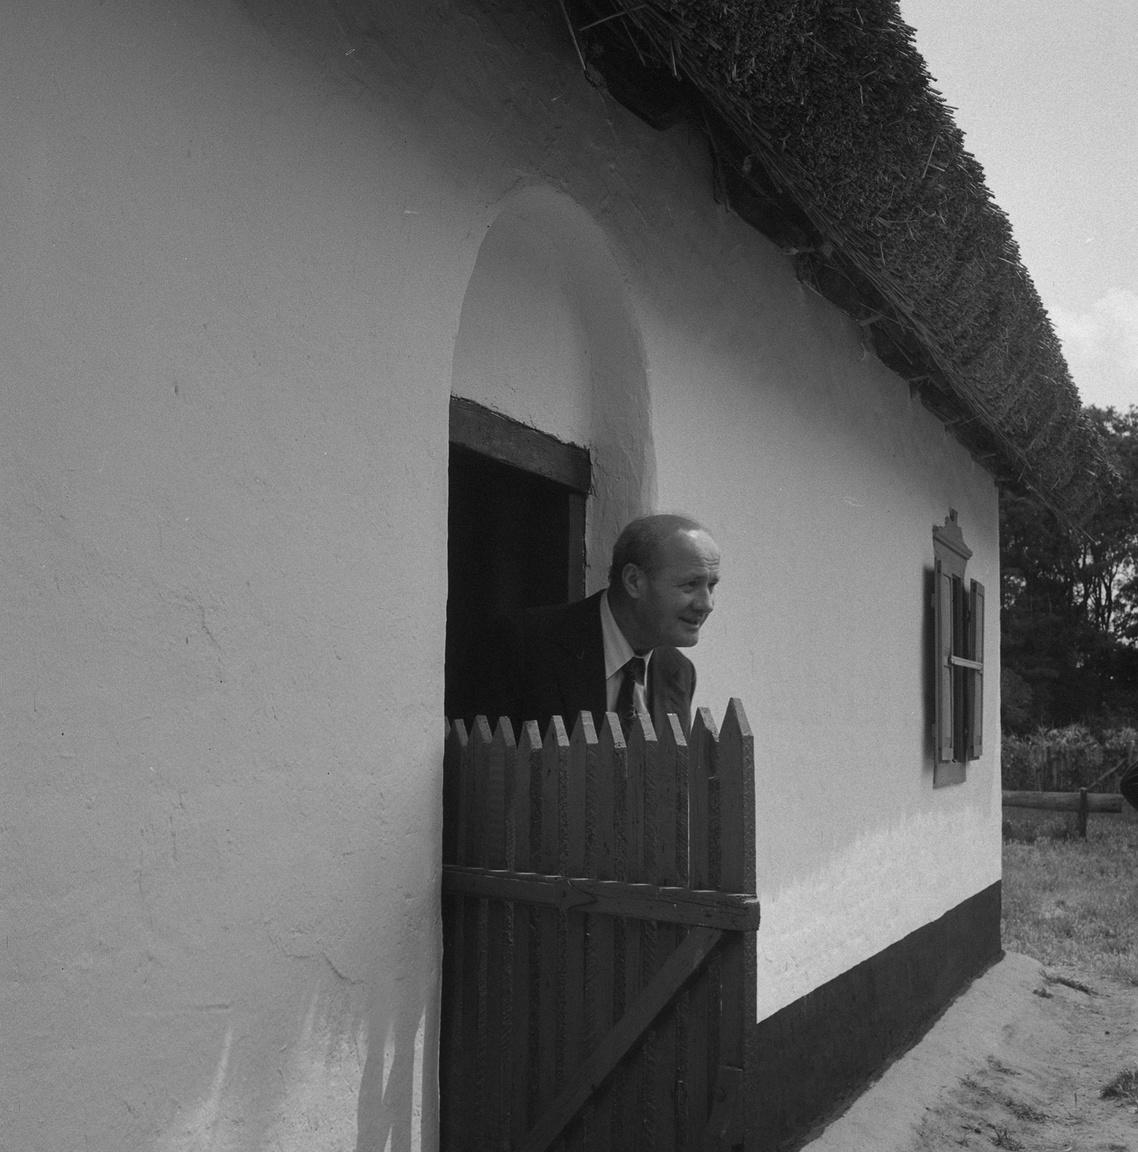 Losonczi Pál, az Elnöki Tanács elnöke kukkant ki az Ópusztaszeri Emlékpark skanzenjének egyik házikójából. Az államfő az ópusztaszeri munkás-paraszt találkozóra érkezett. Losonczi Pál tiszteletére egy 70 méter hosszú katonai sátrat vertek fel, ezt munkásőrök óvták, az egyik végében pedig a Pick hűtőkamionja fújta a hideget az illusztris vendégekre.